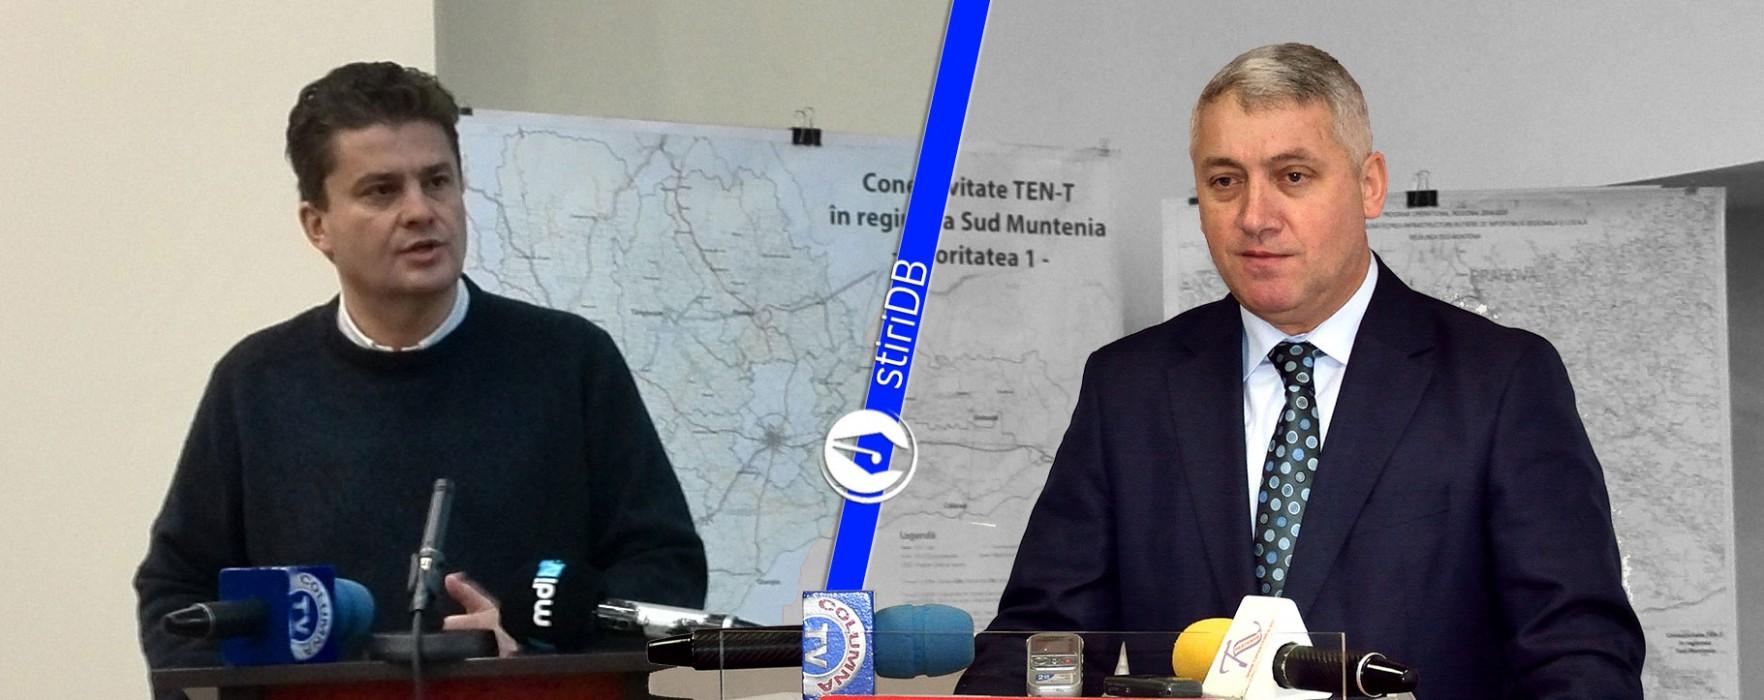 Schimb de amabilităţi între Adrian Ţuţuianu şi Florin Popescu (audio)